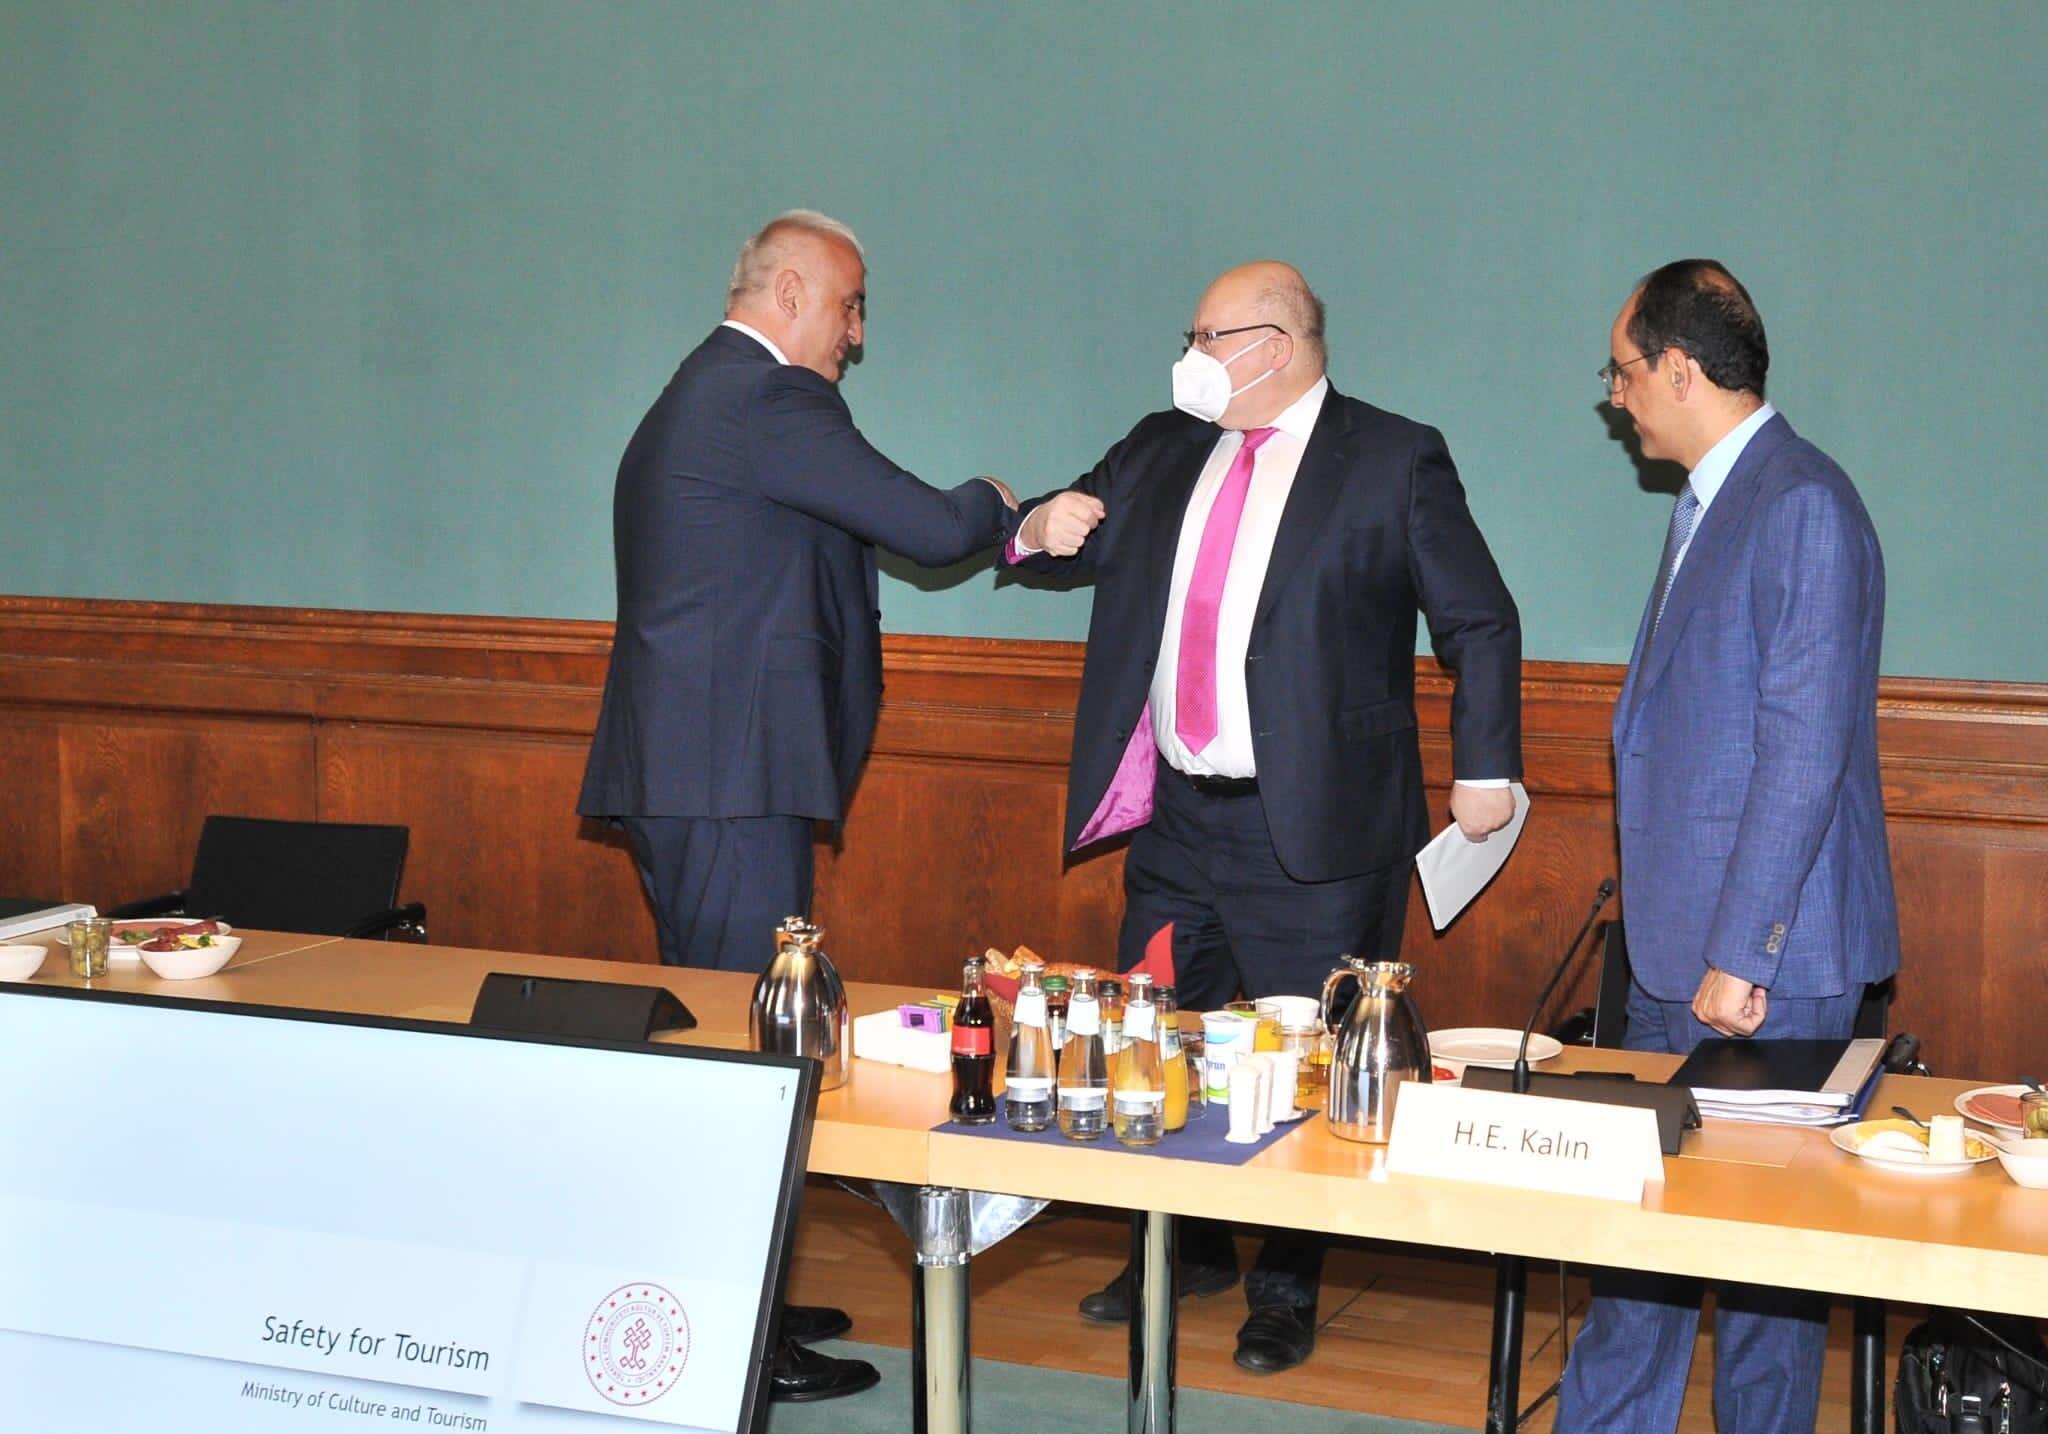 Top türkische und deutsche Beamte treffen sich in Berlin, um über sicheren Tourismus zu sprechen